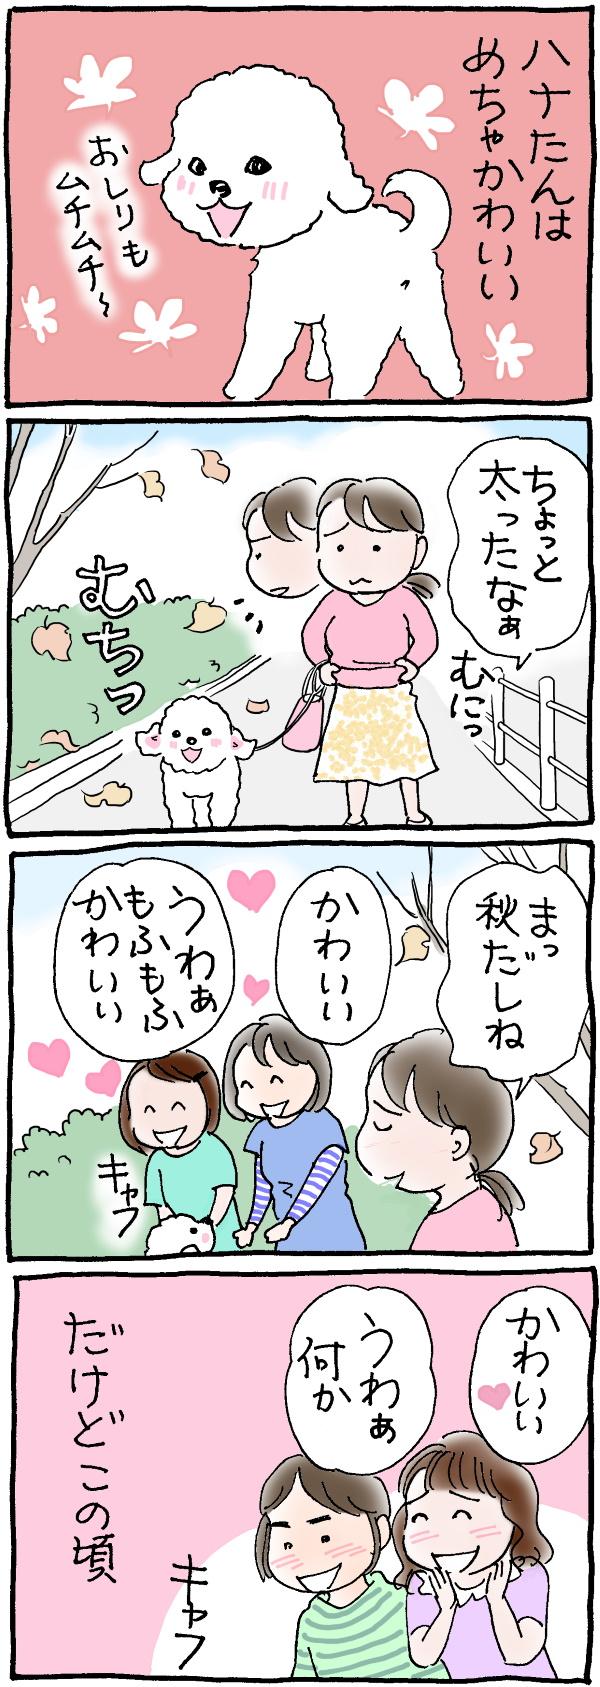 ハナちゃんおいしそう1